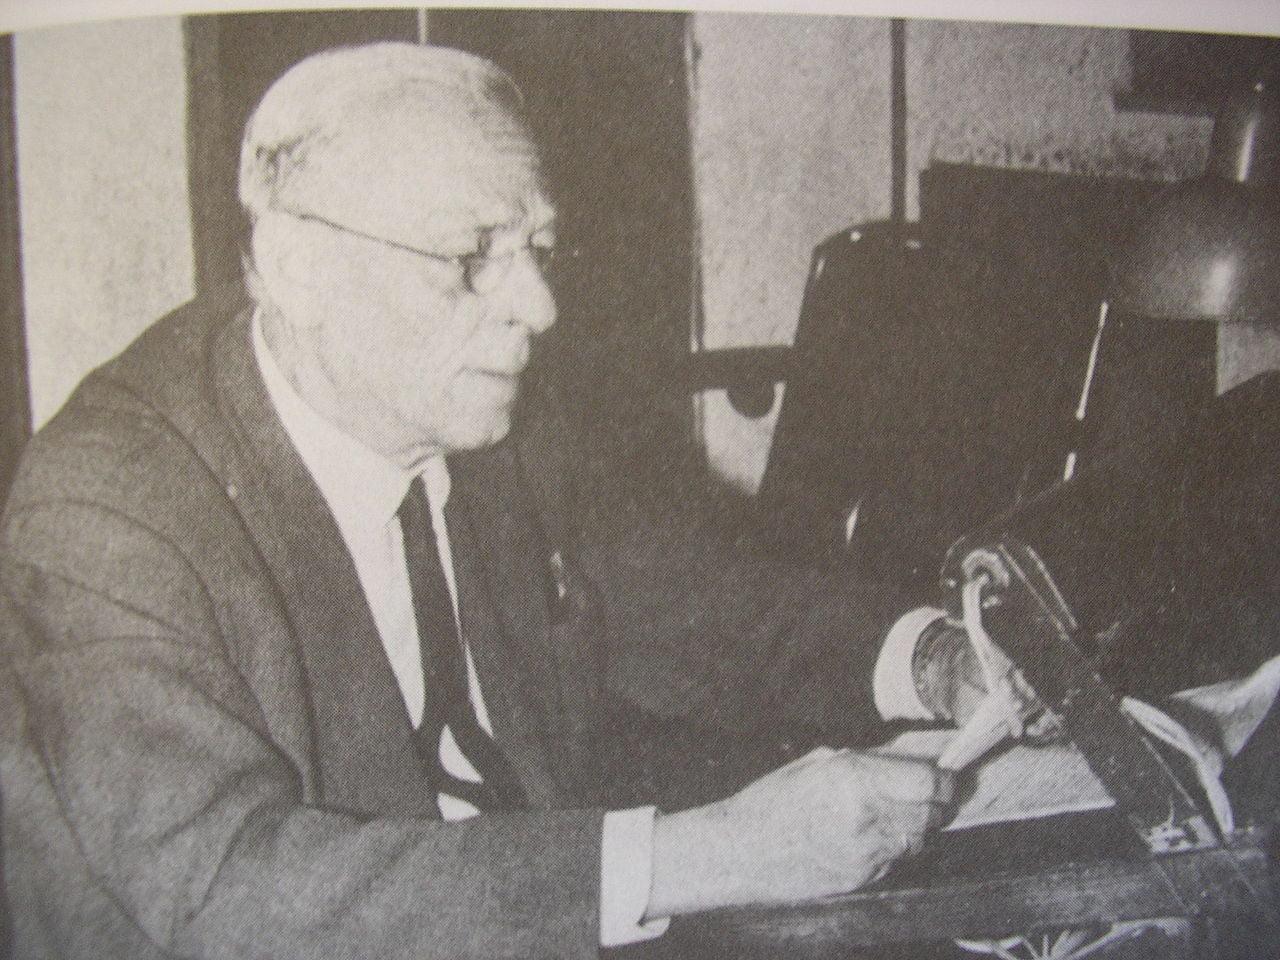 27 Απριλίου 1941: Έλληνες! Ψηλά τις καρδιές! Ο Κ. Σταυρόπουλος εμψυχώνει τους Έλληνες, ενώ οι Γερμανοί εισέρχονται στην Αθήνα